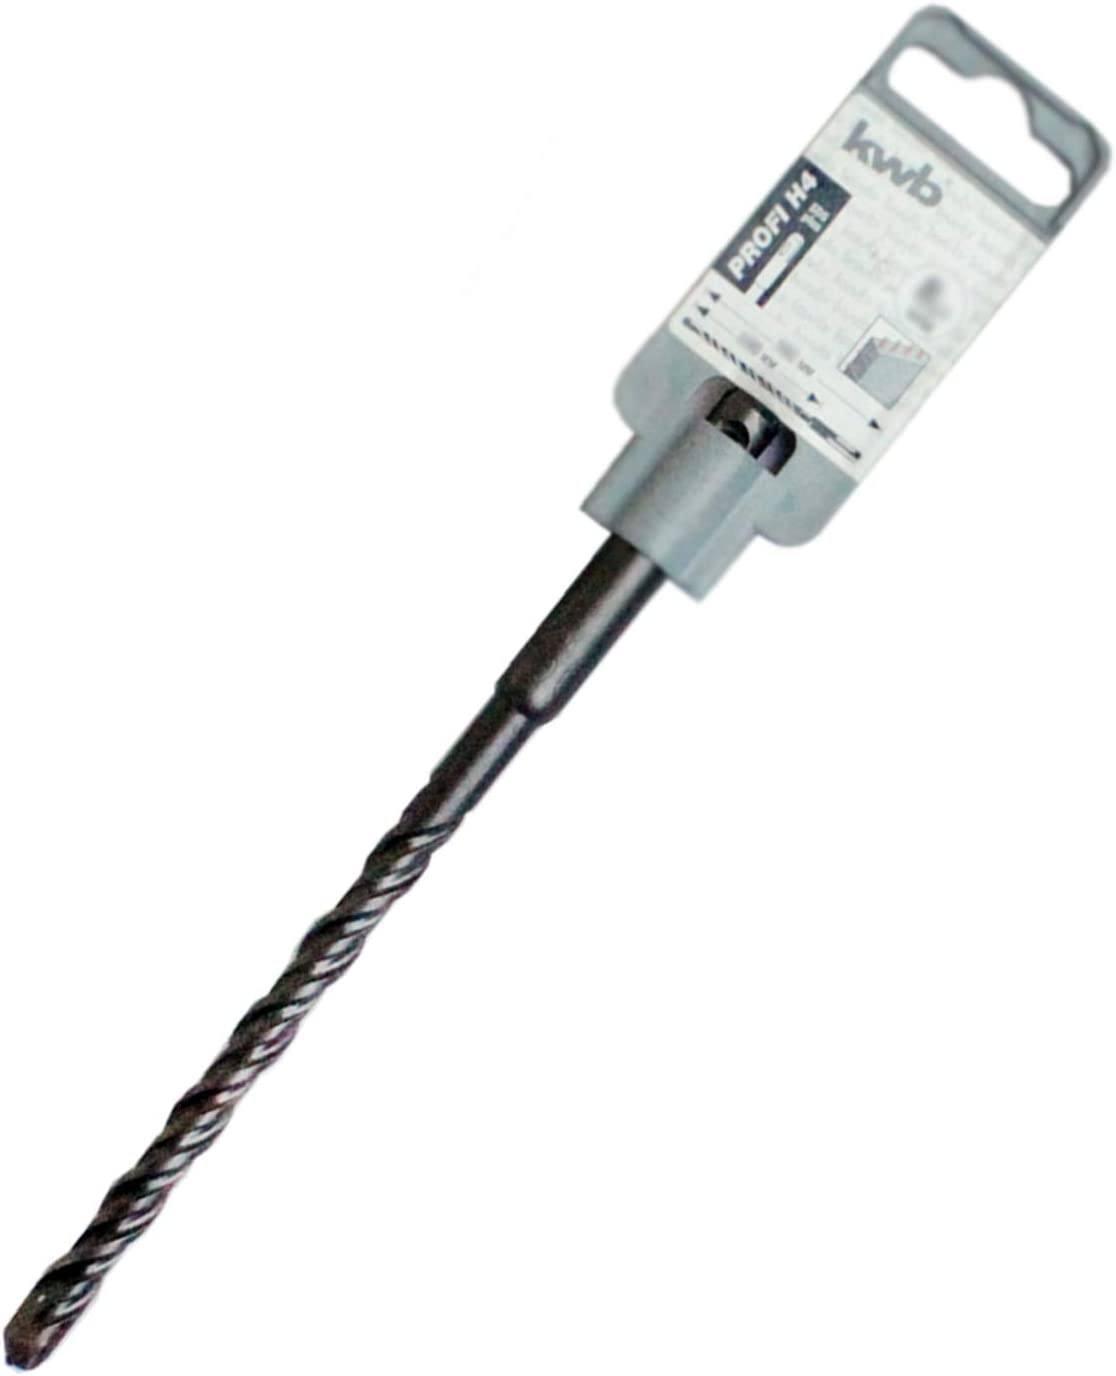 Foret marteau SDS-plus Premium Line fabriqu/é en Allemagne Foret /à b/éton 244744 KWB Profi H4//Ø 14/mm X400/X 460